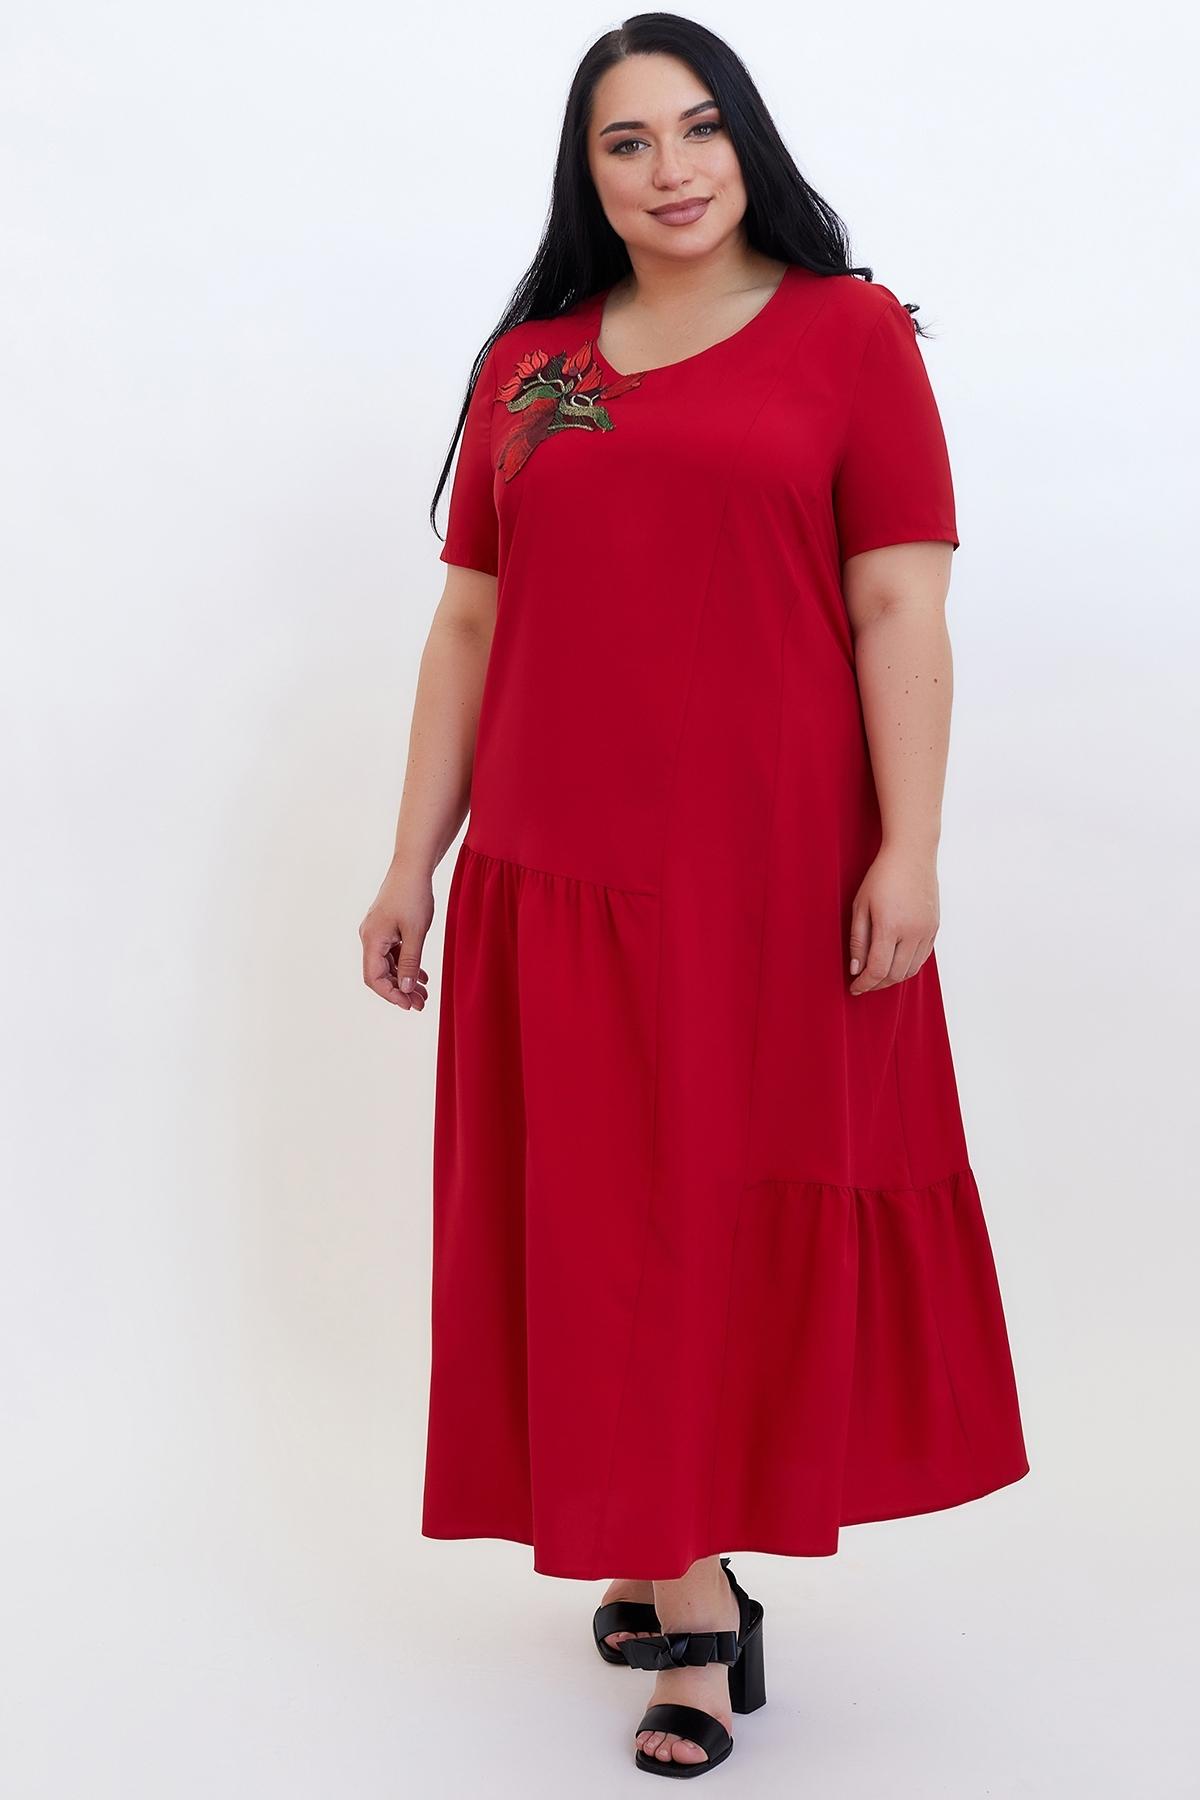 Сукня Корнелія (Корнелия)(червоний)